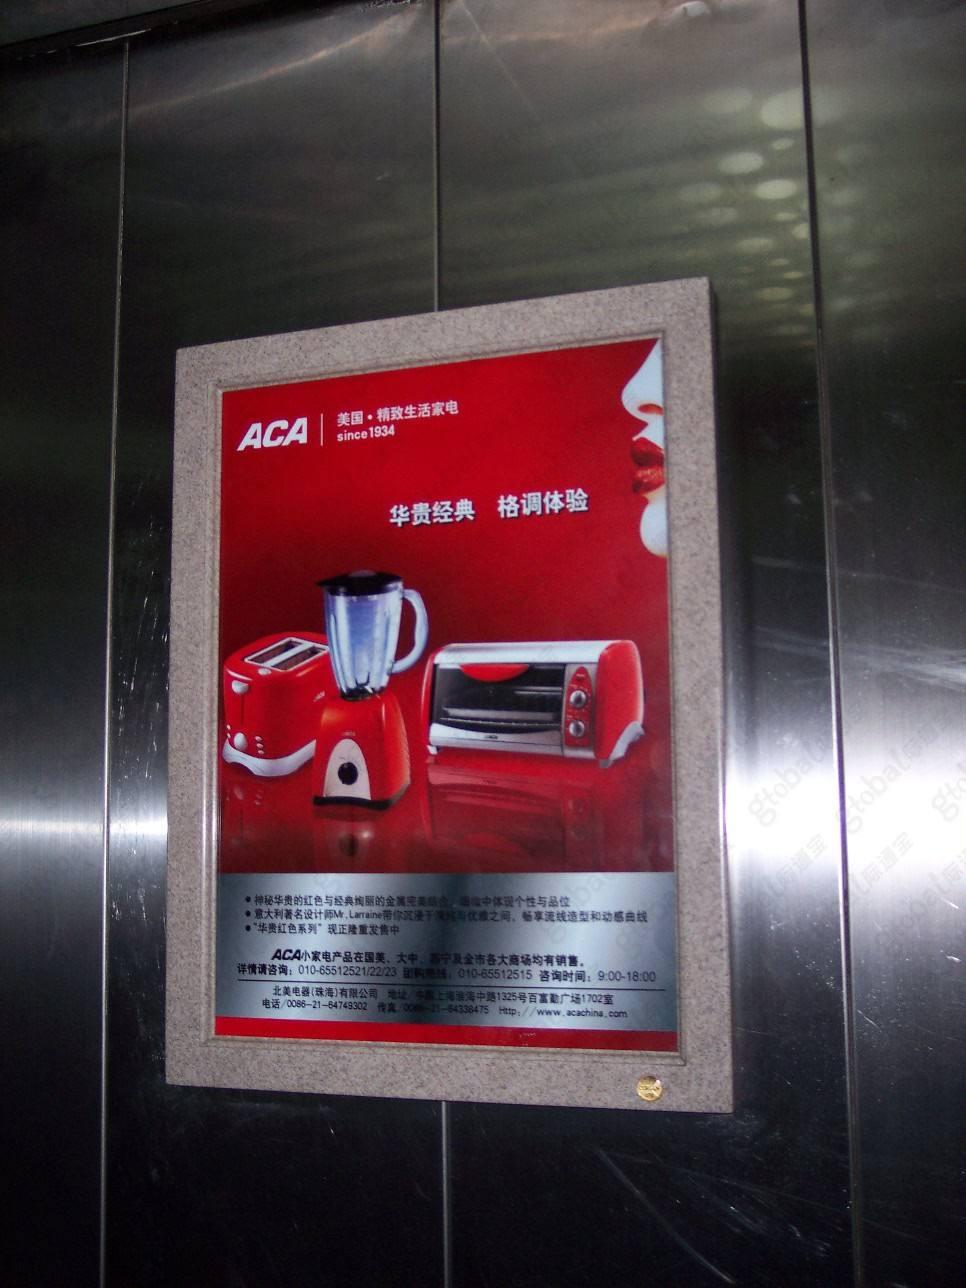 无锡高端写字楼电梯广告-分众资源低至2折